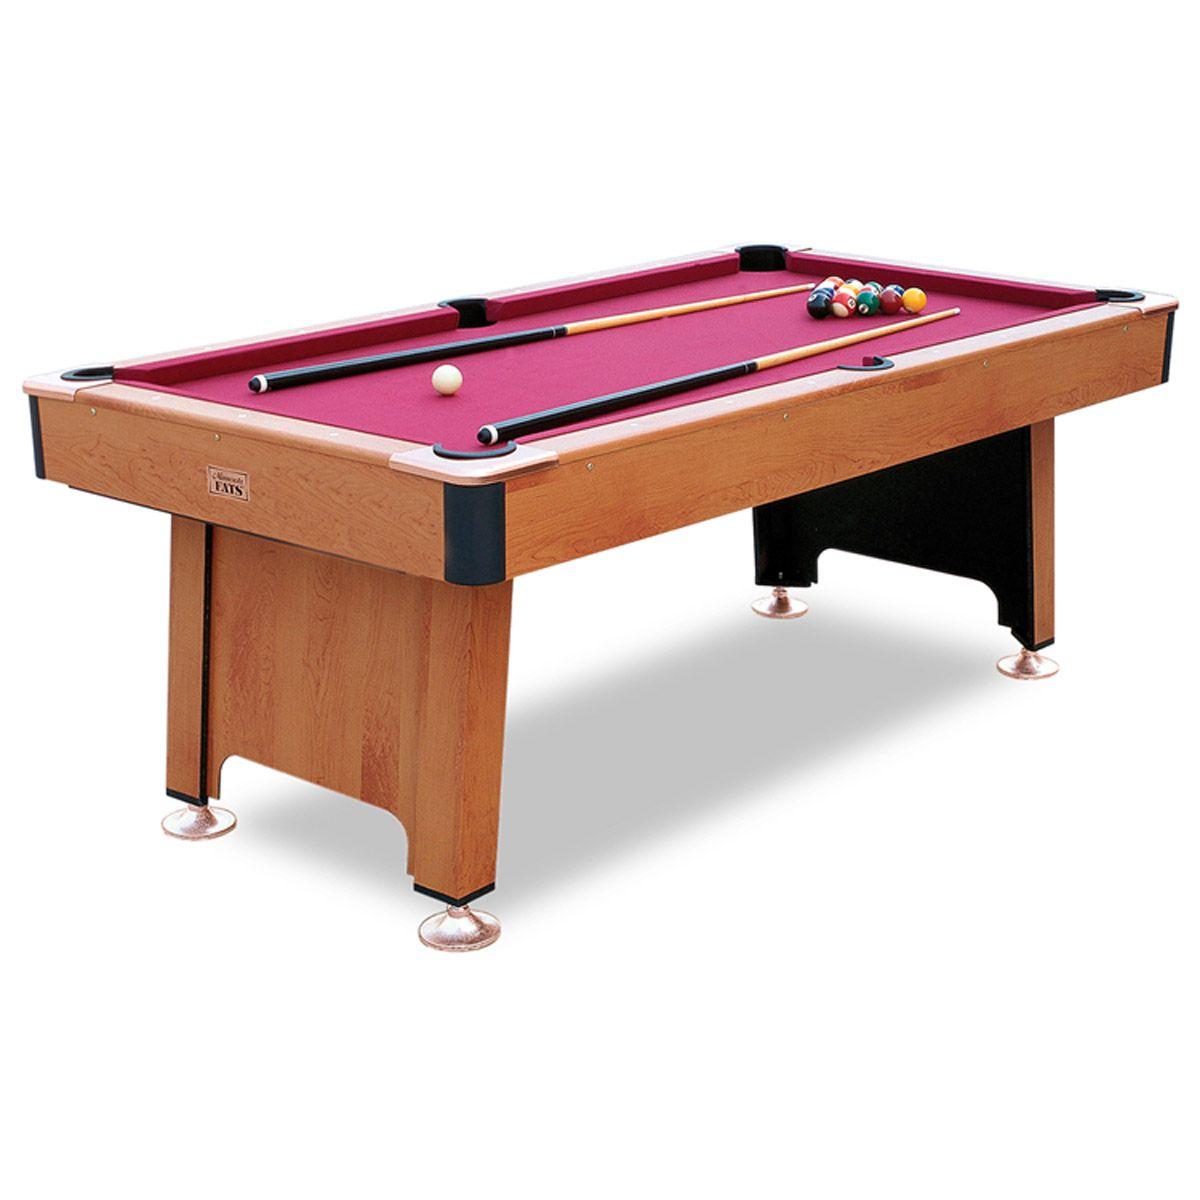 under 1 000 affordable pool tables. Black Bedroom Furniture Sets. Home Design Ideas